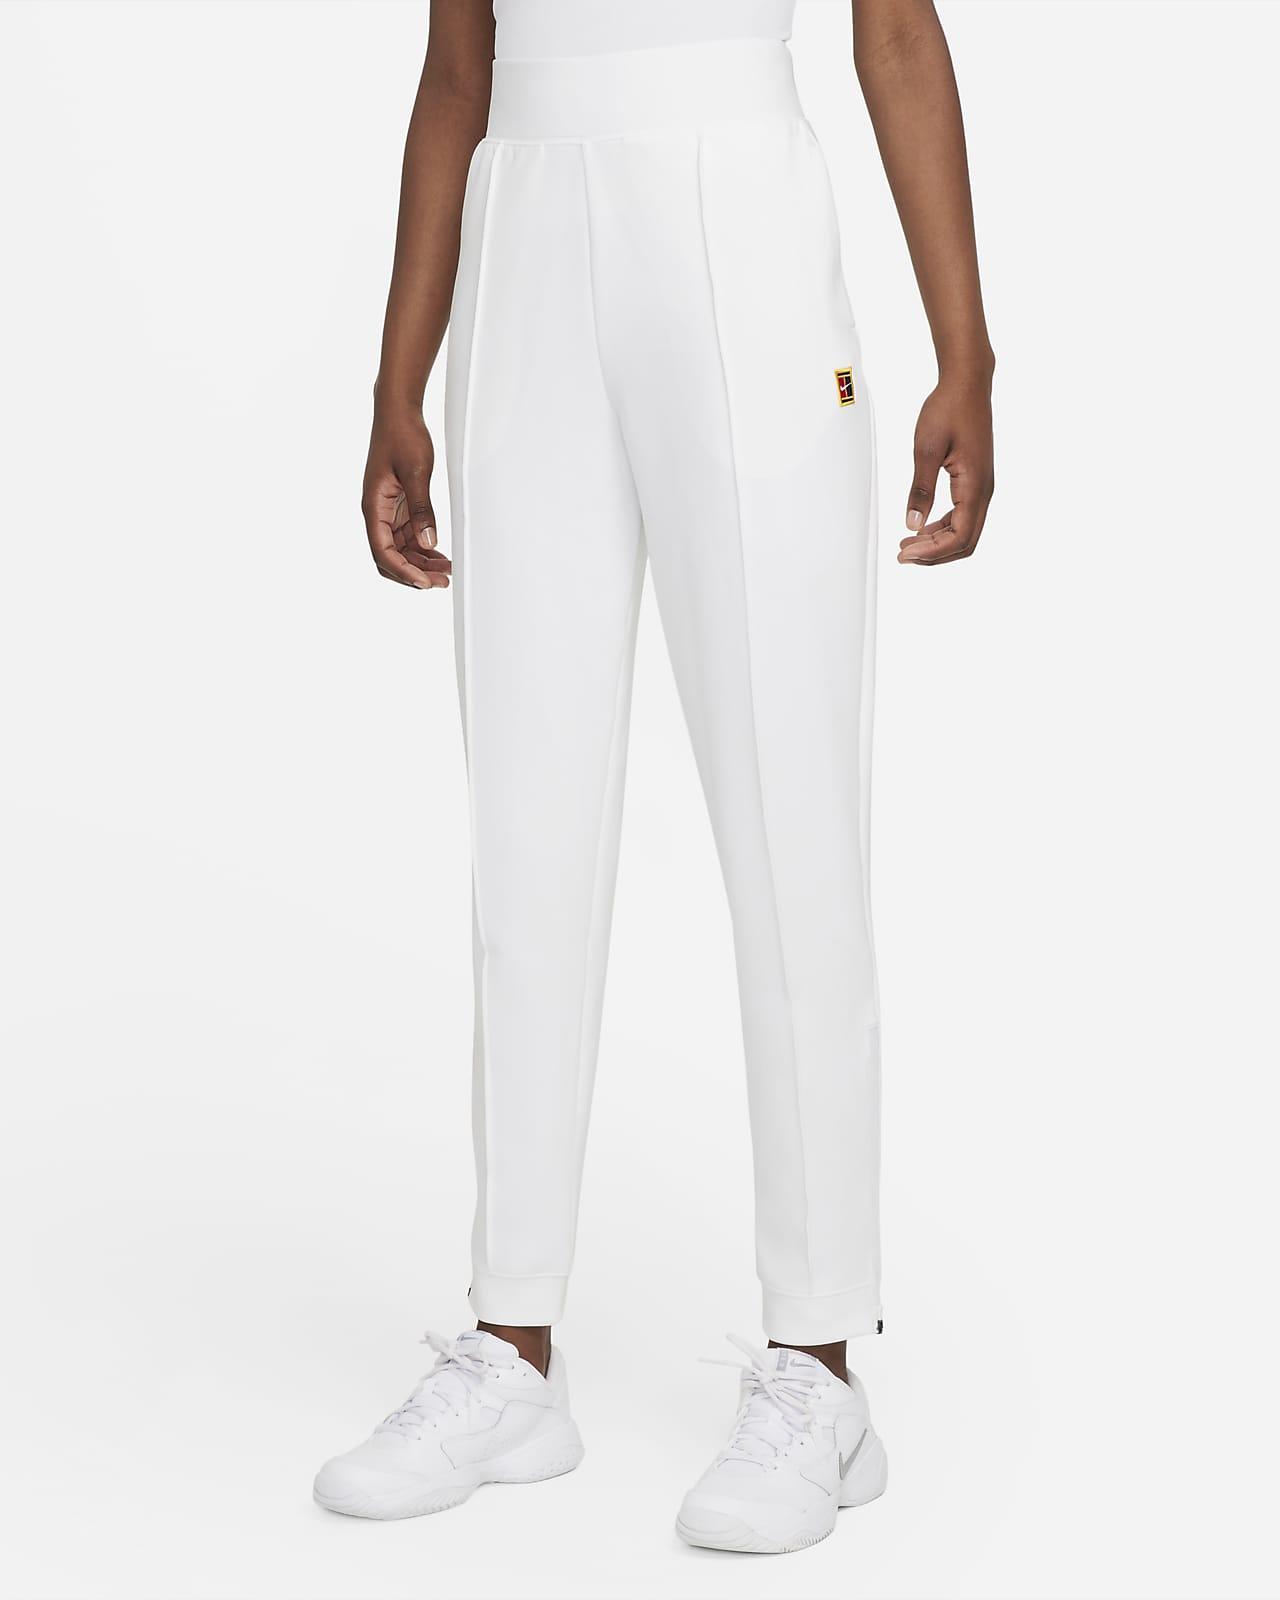 NikeCourt Dri-FIT Strick-Tennishose für Damen